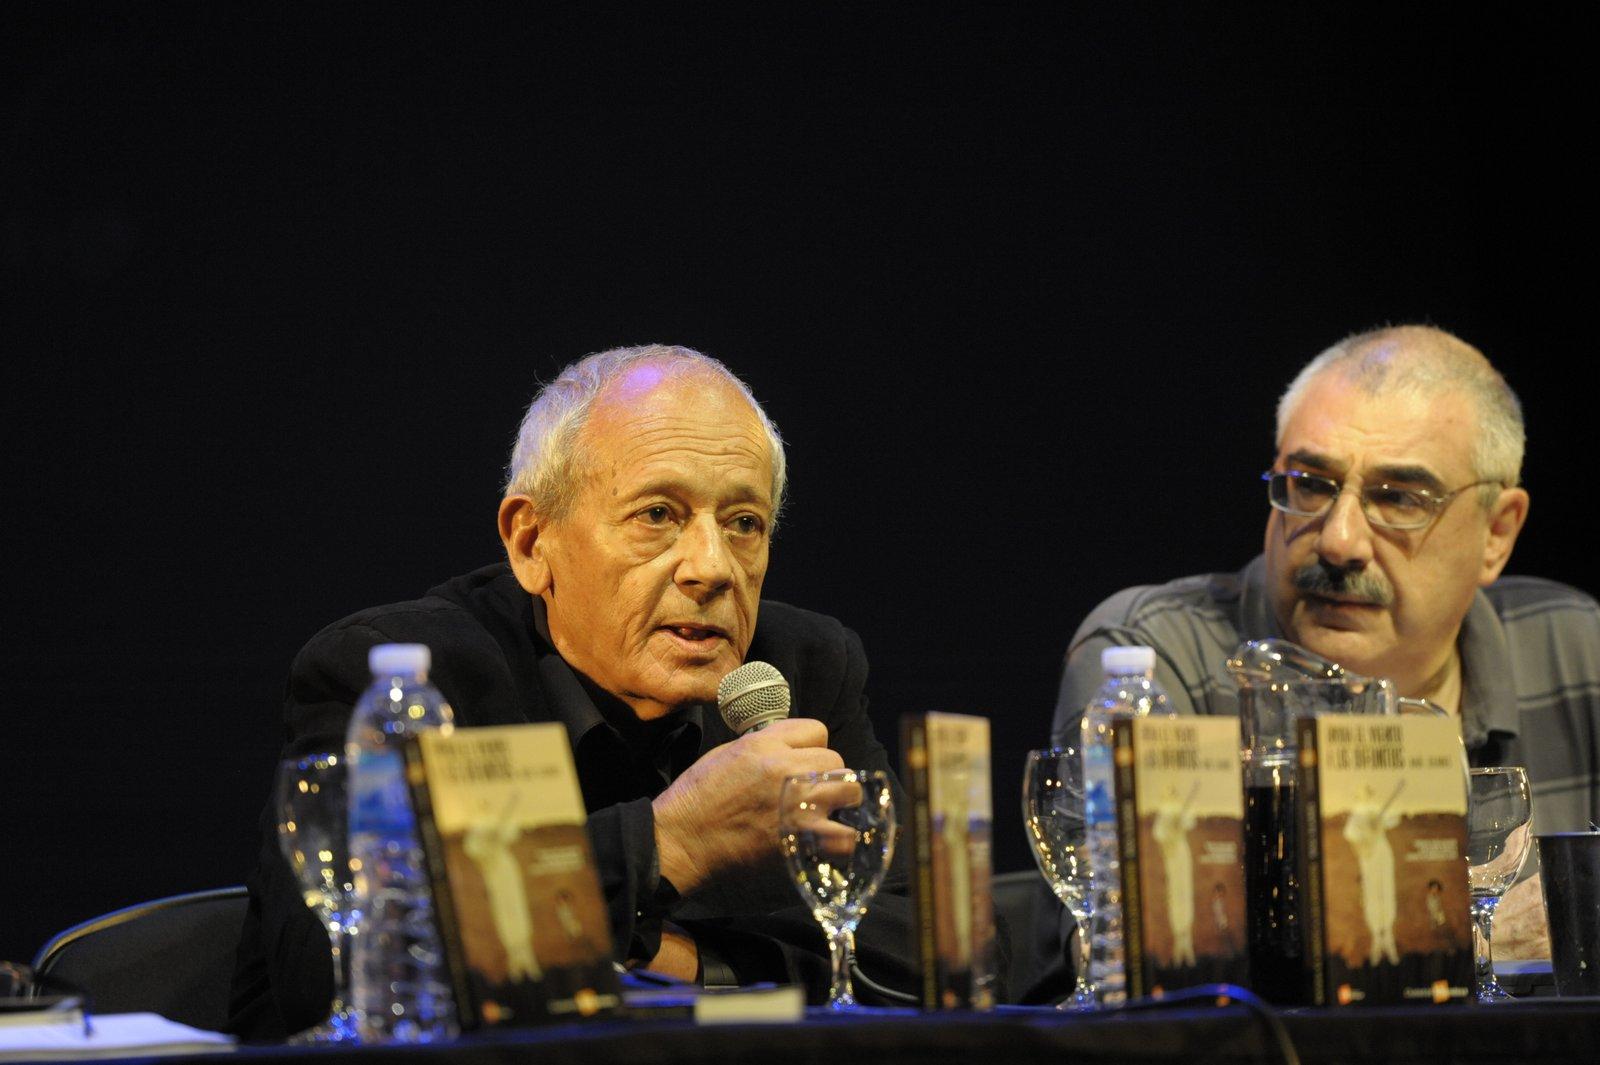 presentacion Raúl Silanes- Bubok